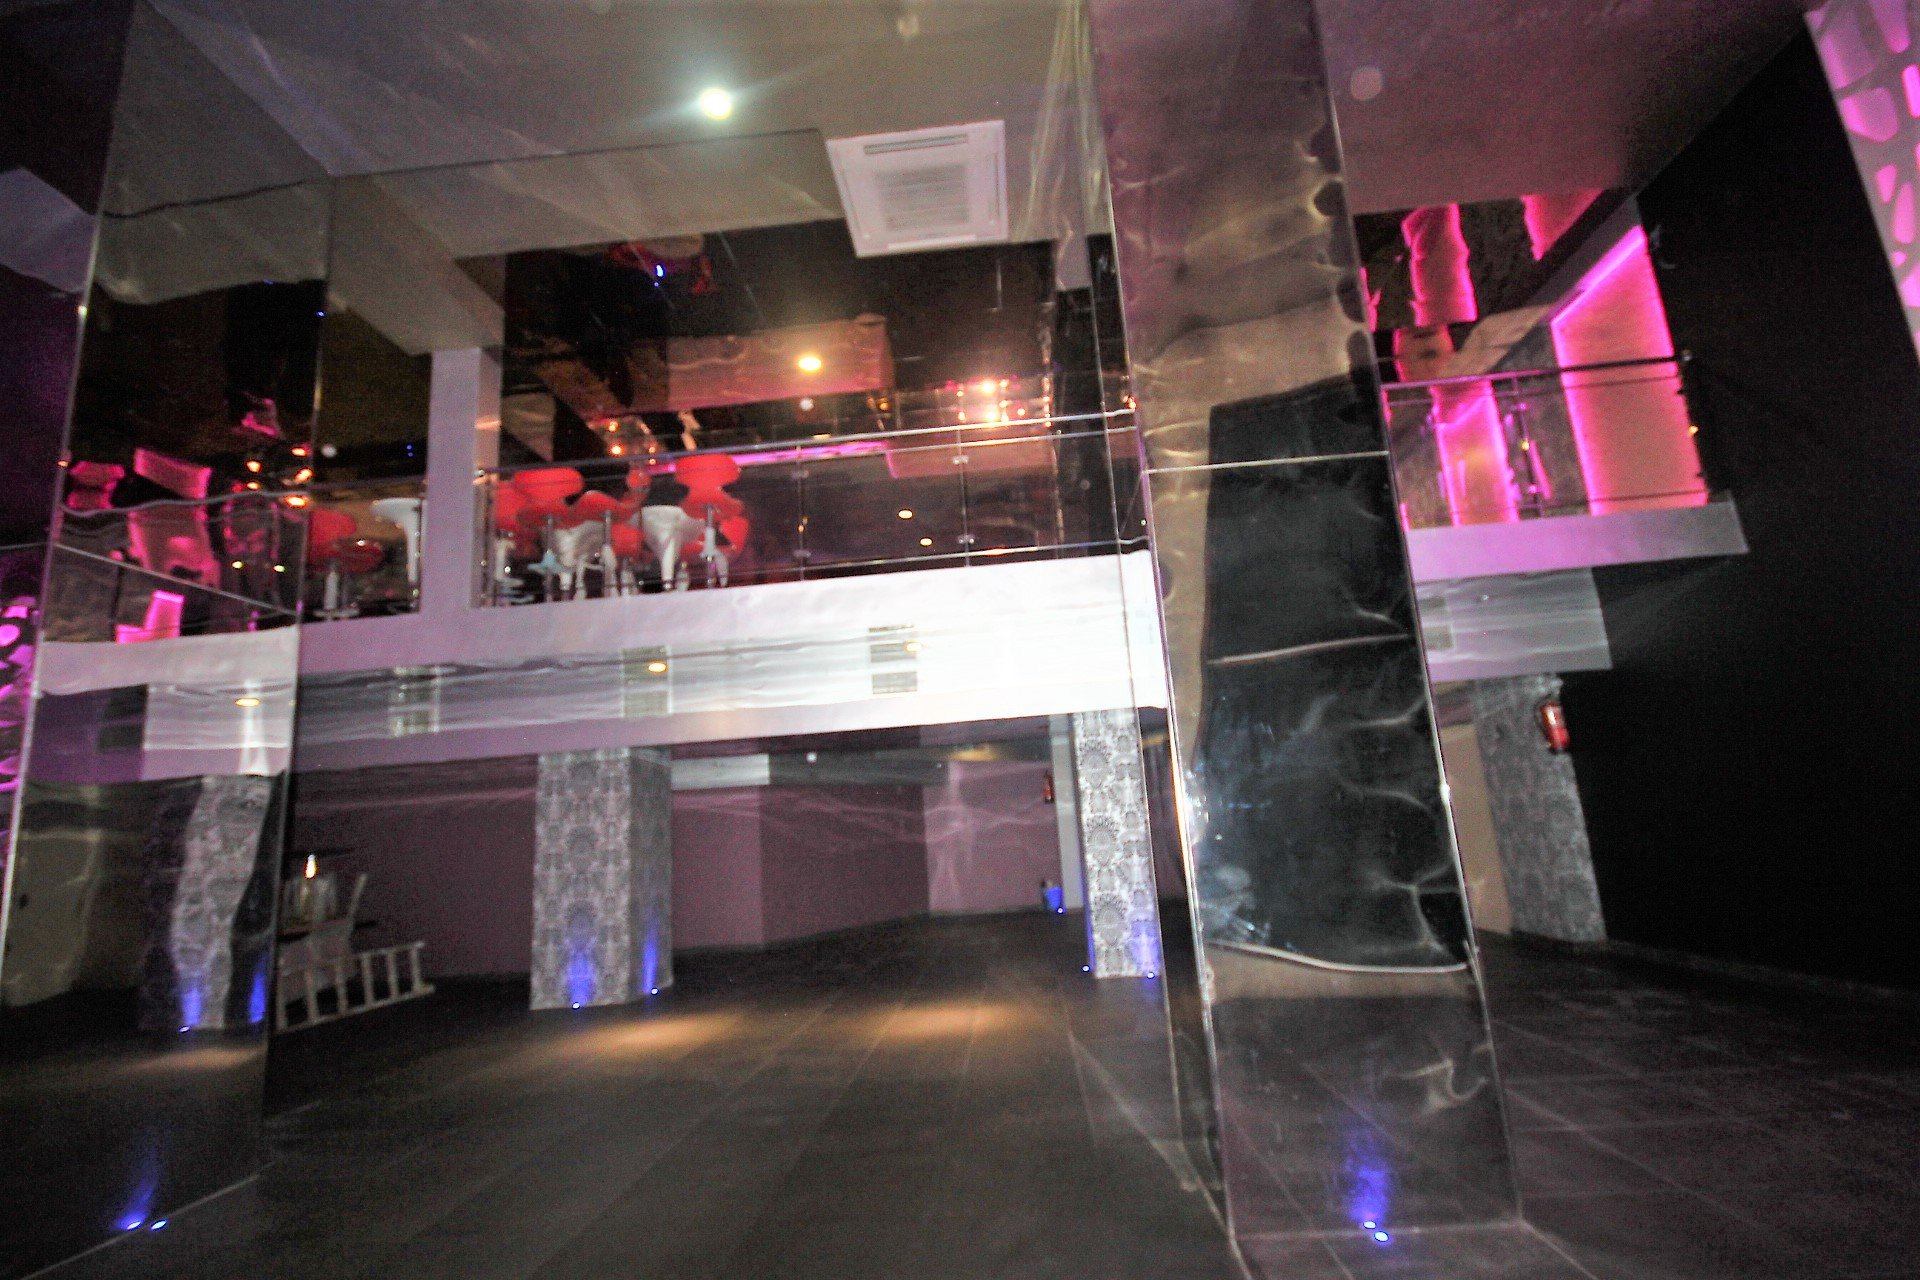 Maroc, Casablanca, Triangle d'or à louer local commercial neuf jamais exploité à ce jour (lounge bar).